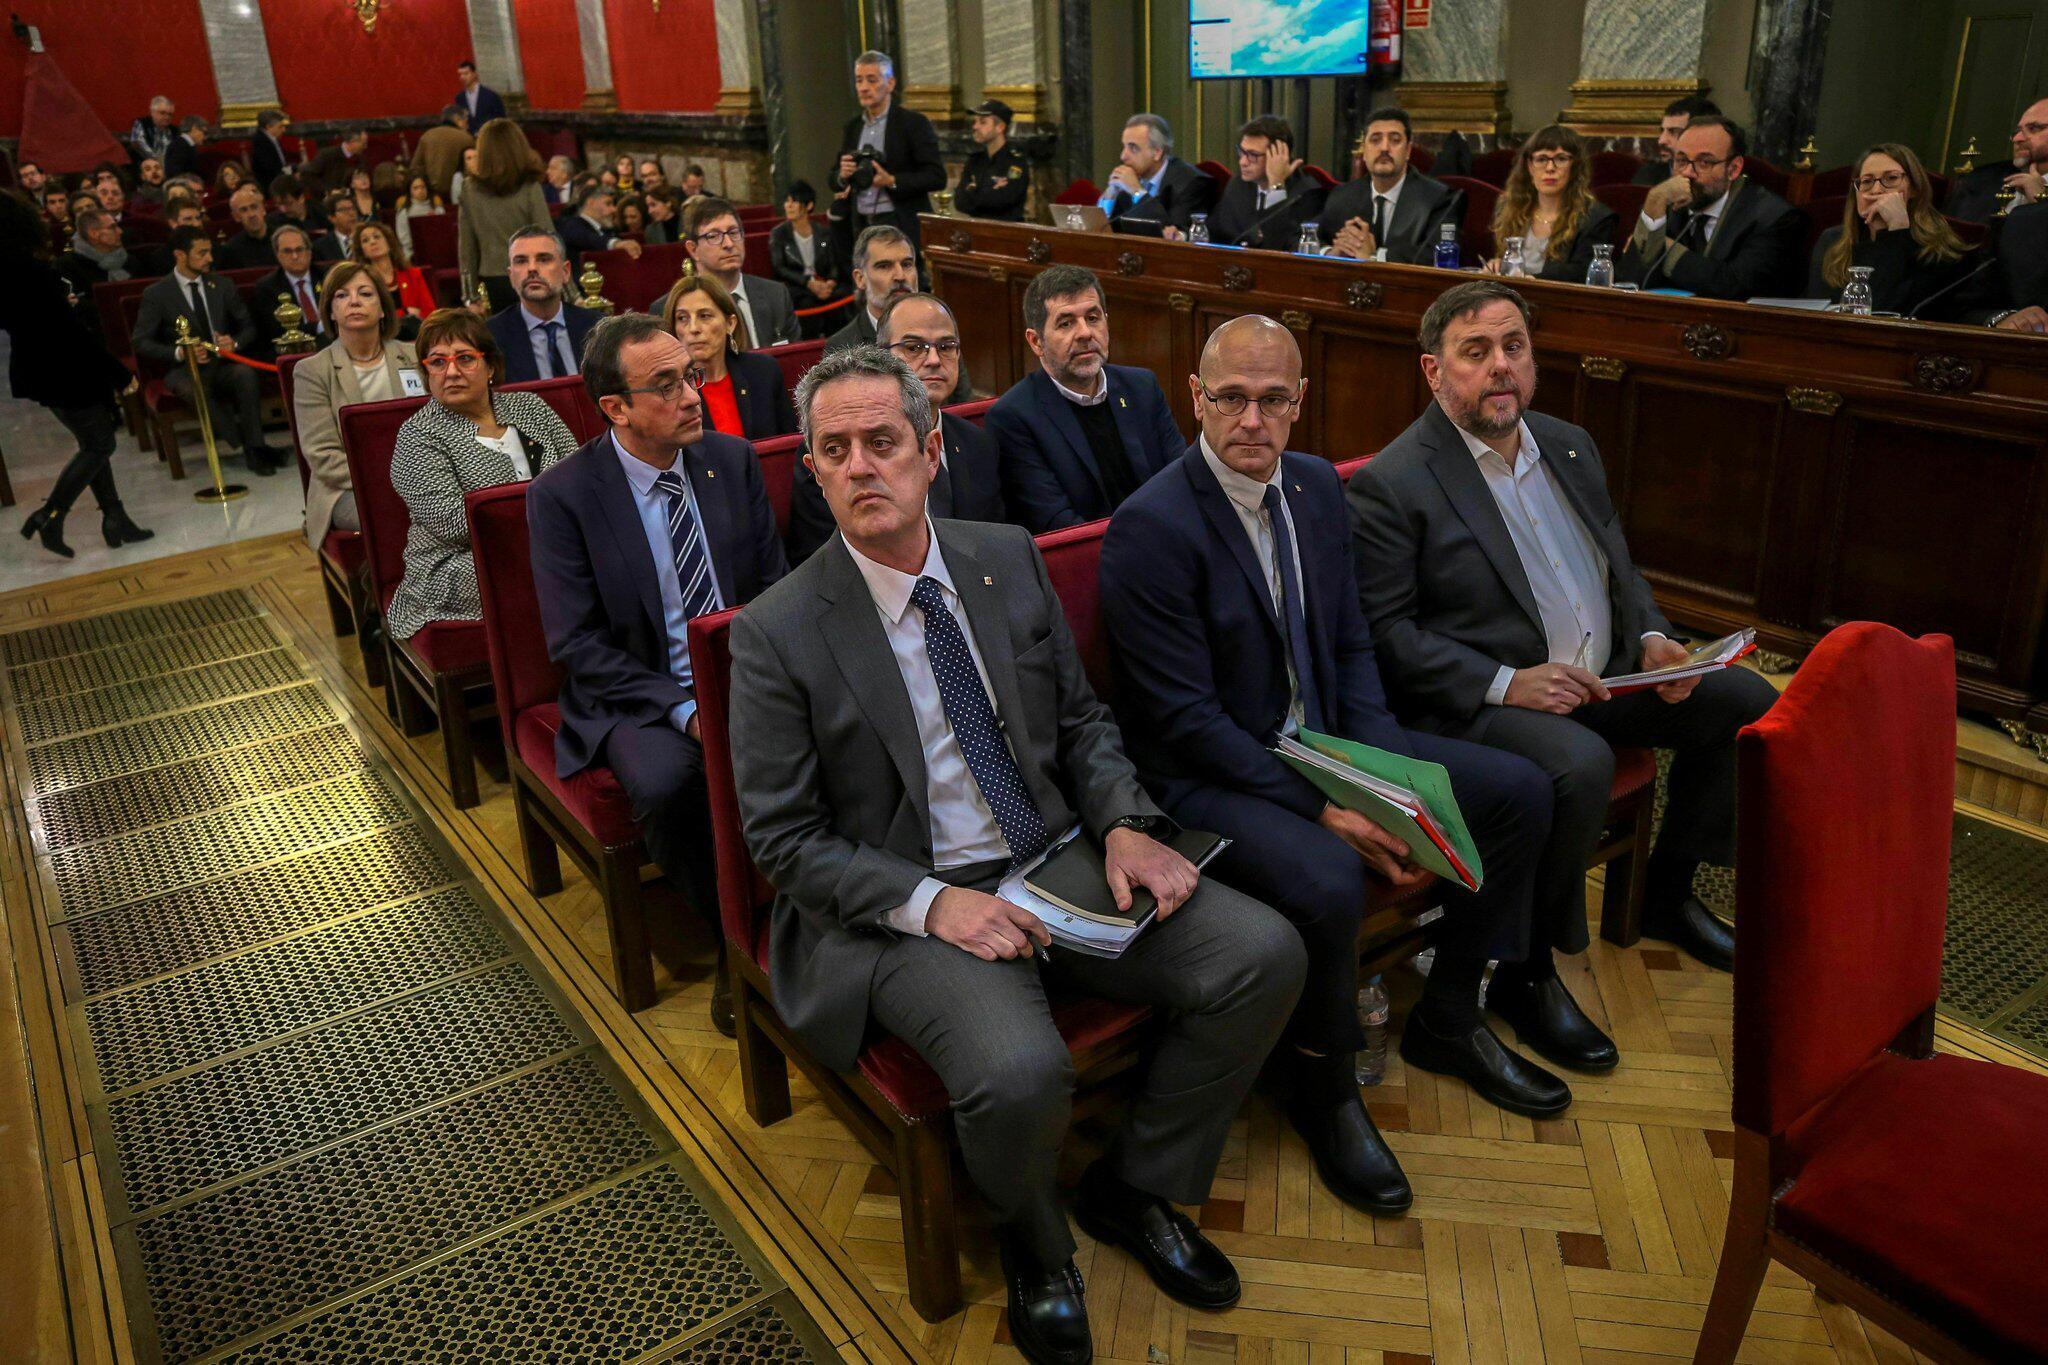 Bild zu Prozess gegen katalanische Separatistenführer